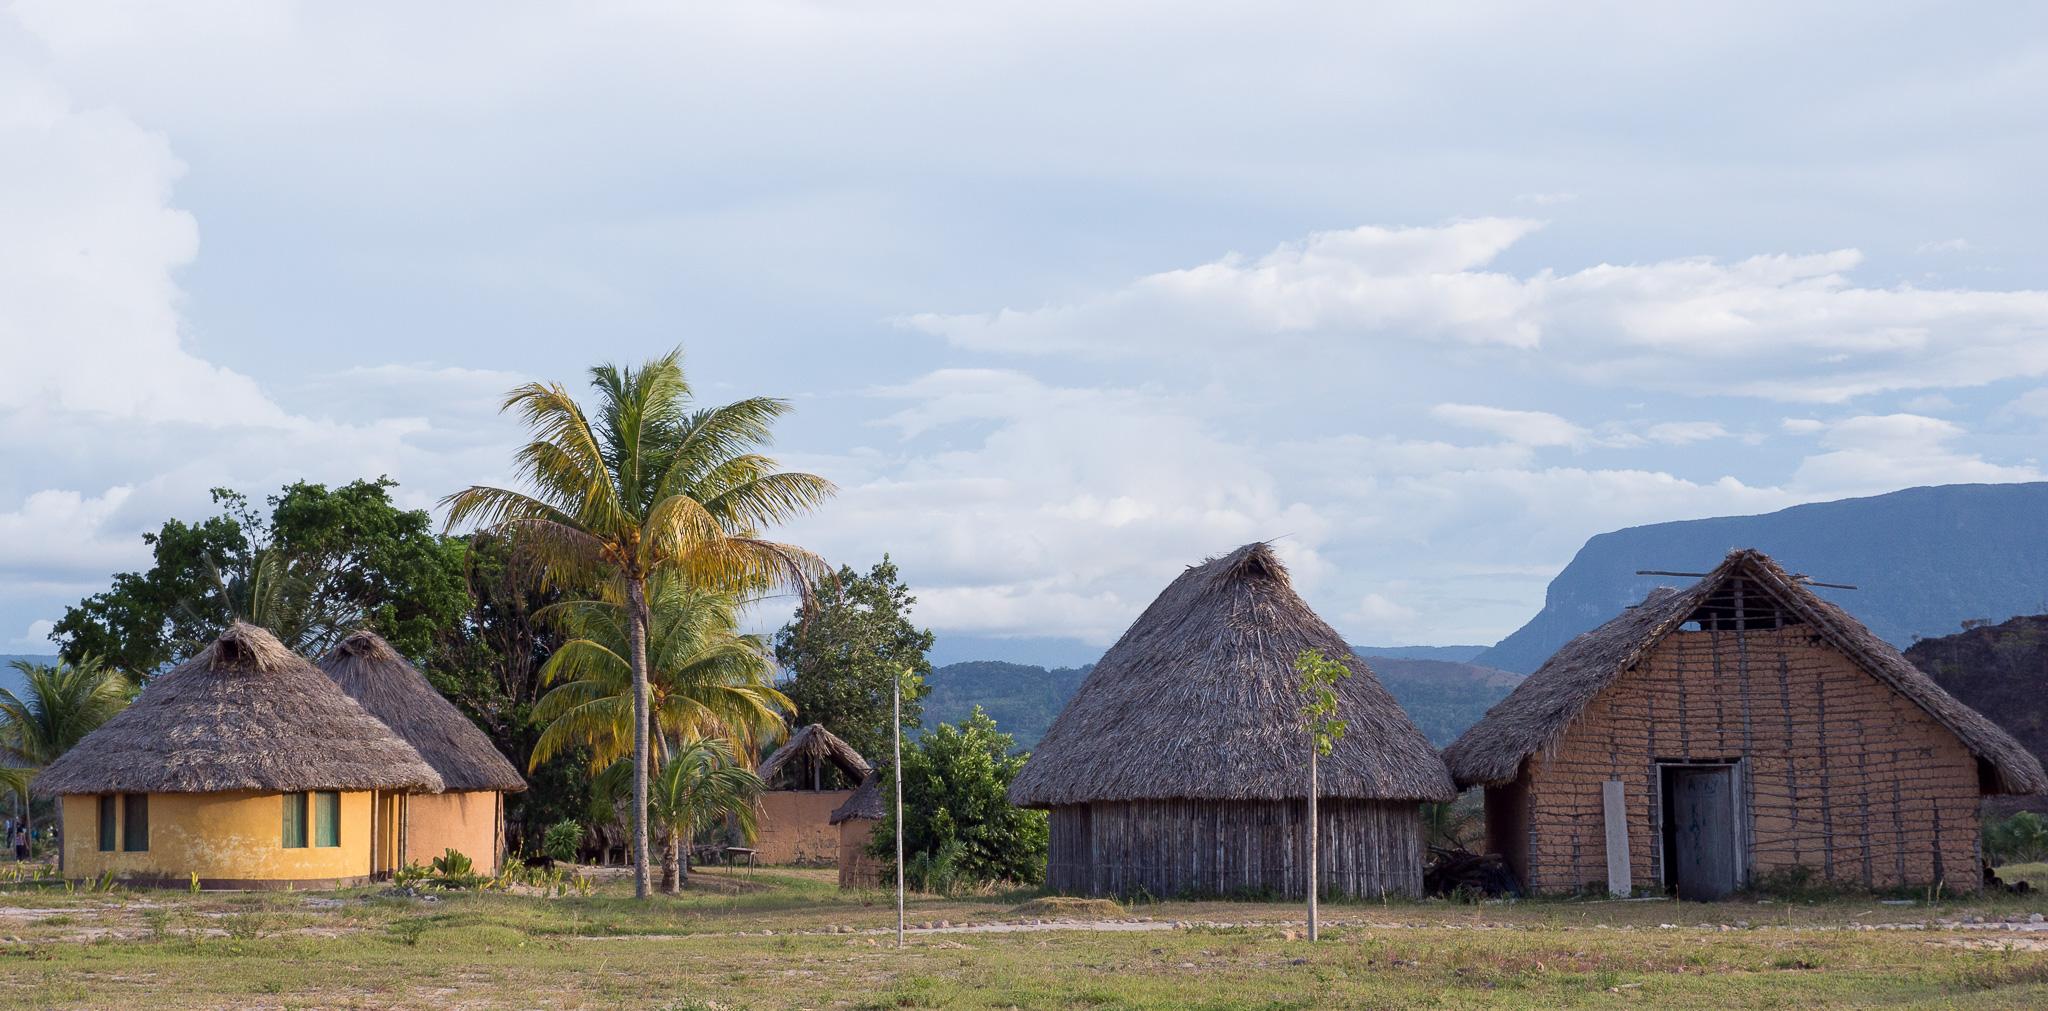 11-Venezuela-0074-P-1304.jpg